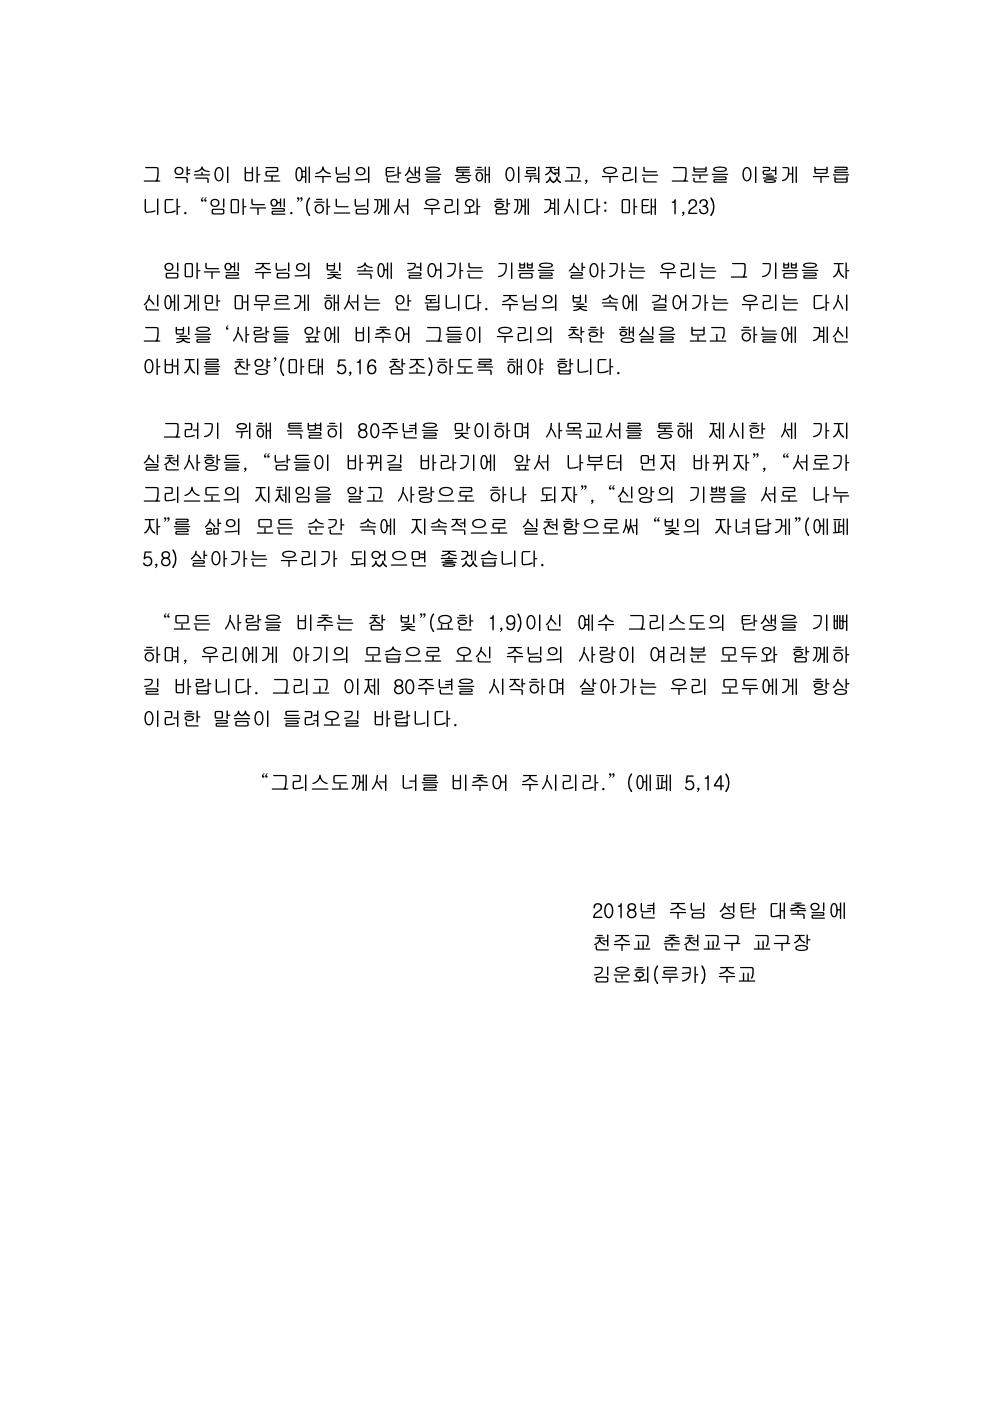 2018년 천주교 춘천교구 성탄메시지 002.jpg